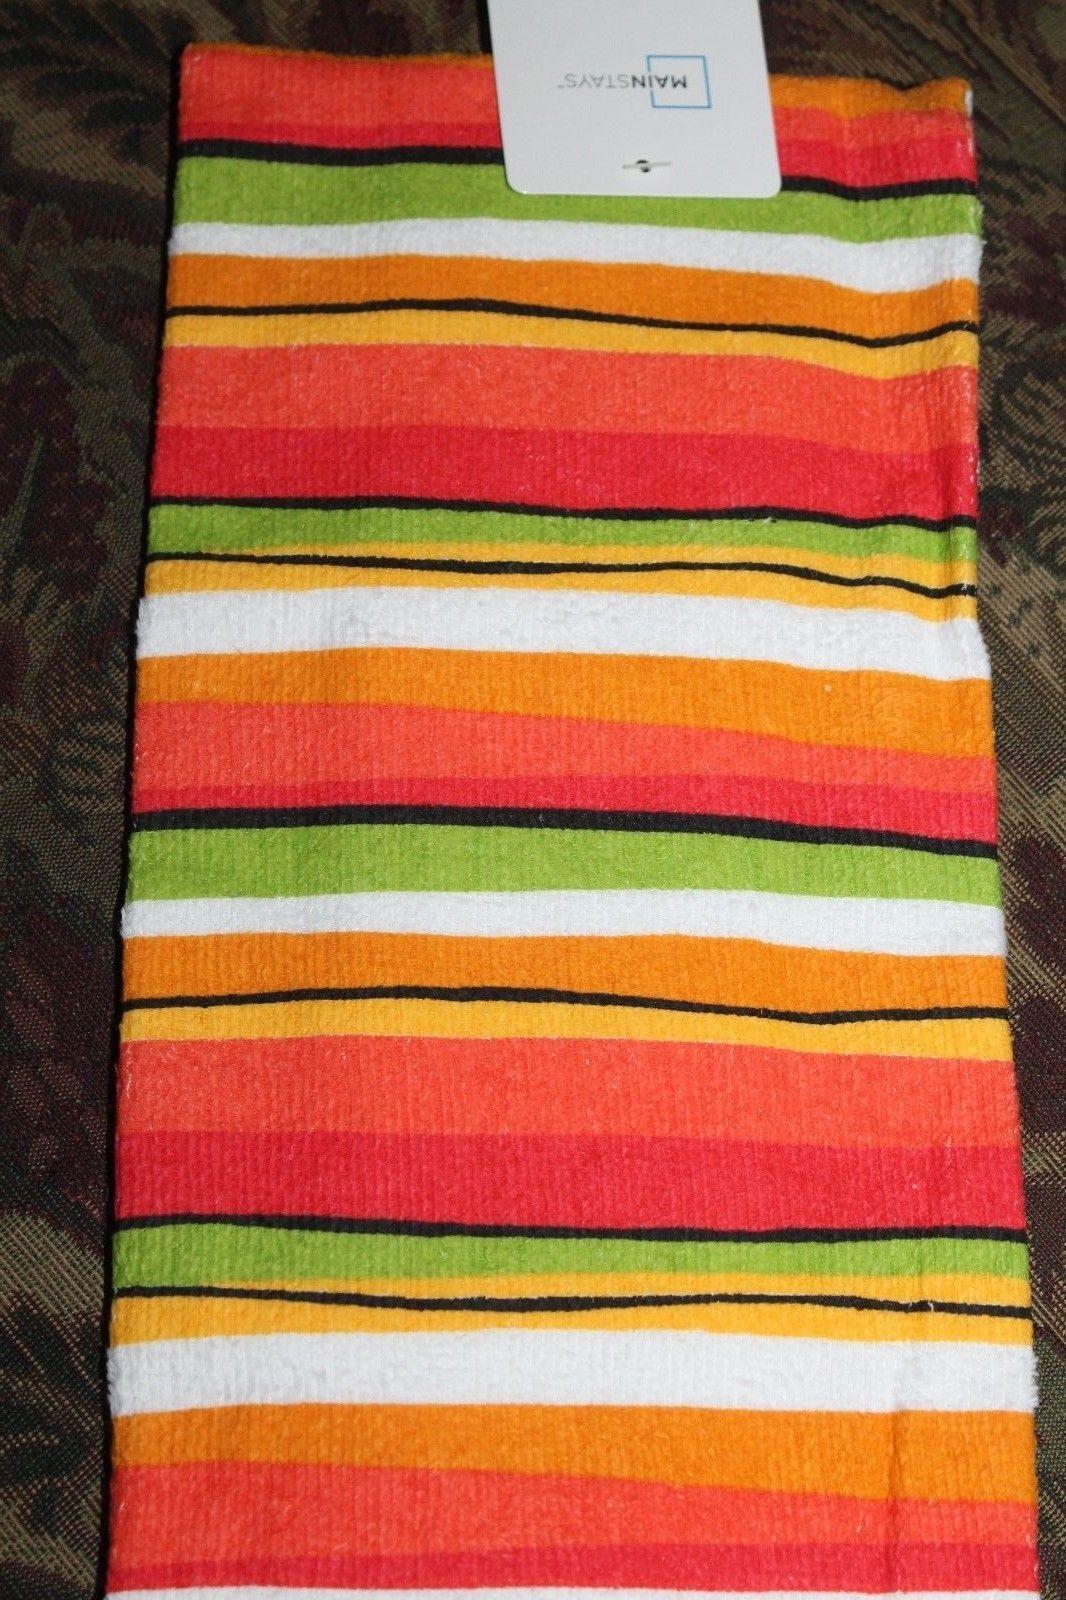 3 5 Cotton Kitchen Hand Dish Towel Wavy Stripes Orange Green